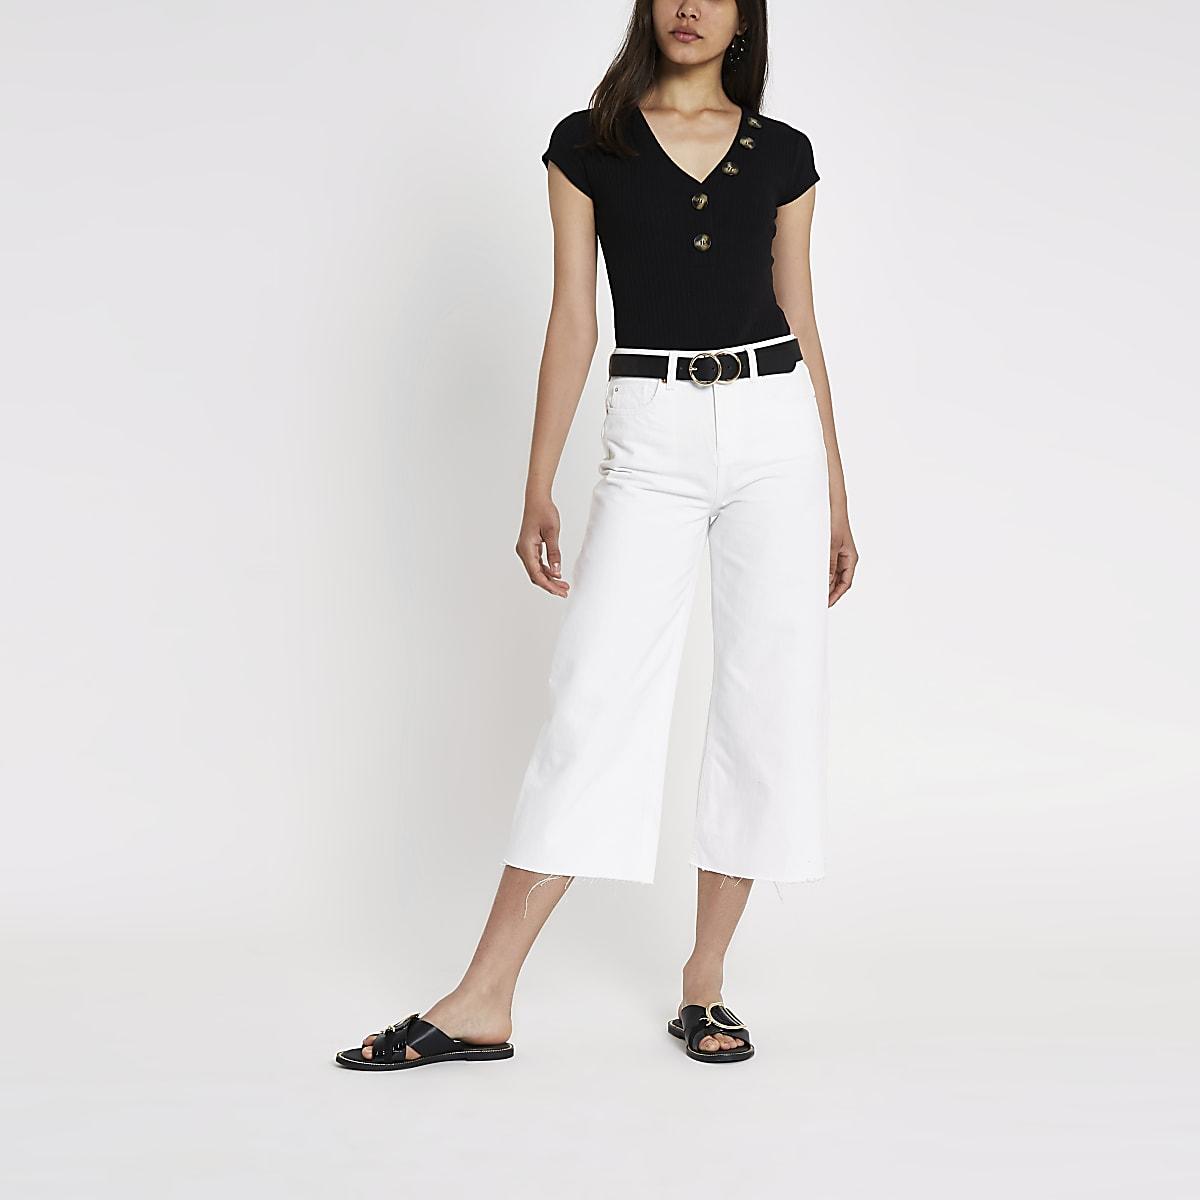 Black rib V neck button bodysuit